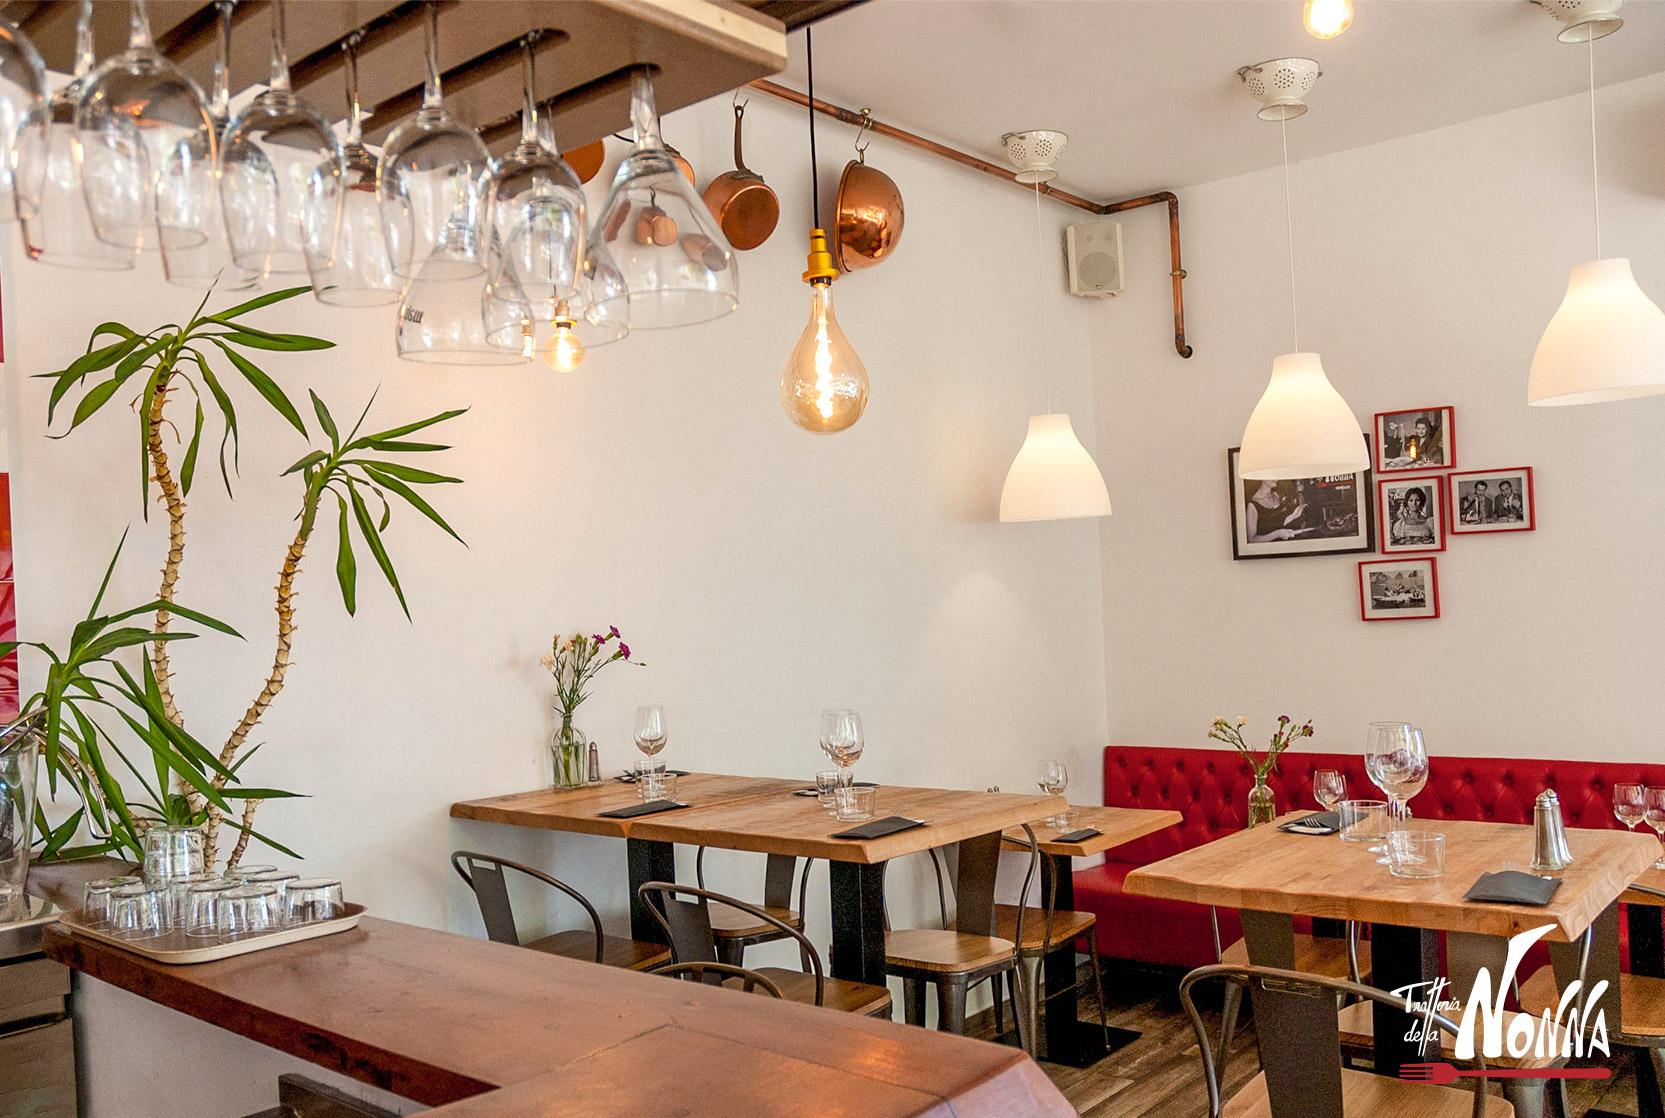 Restaurant italien d'Hendaye : La Trattoria della Nonna